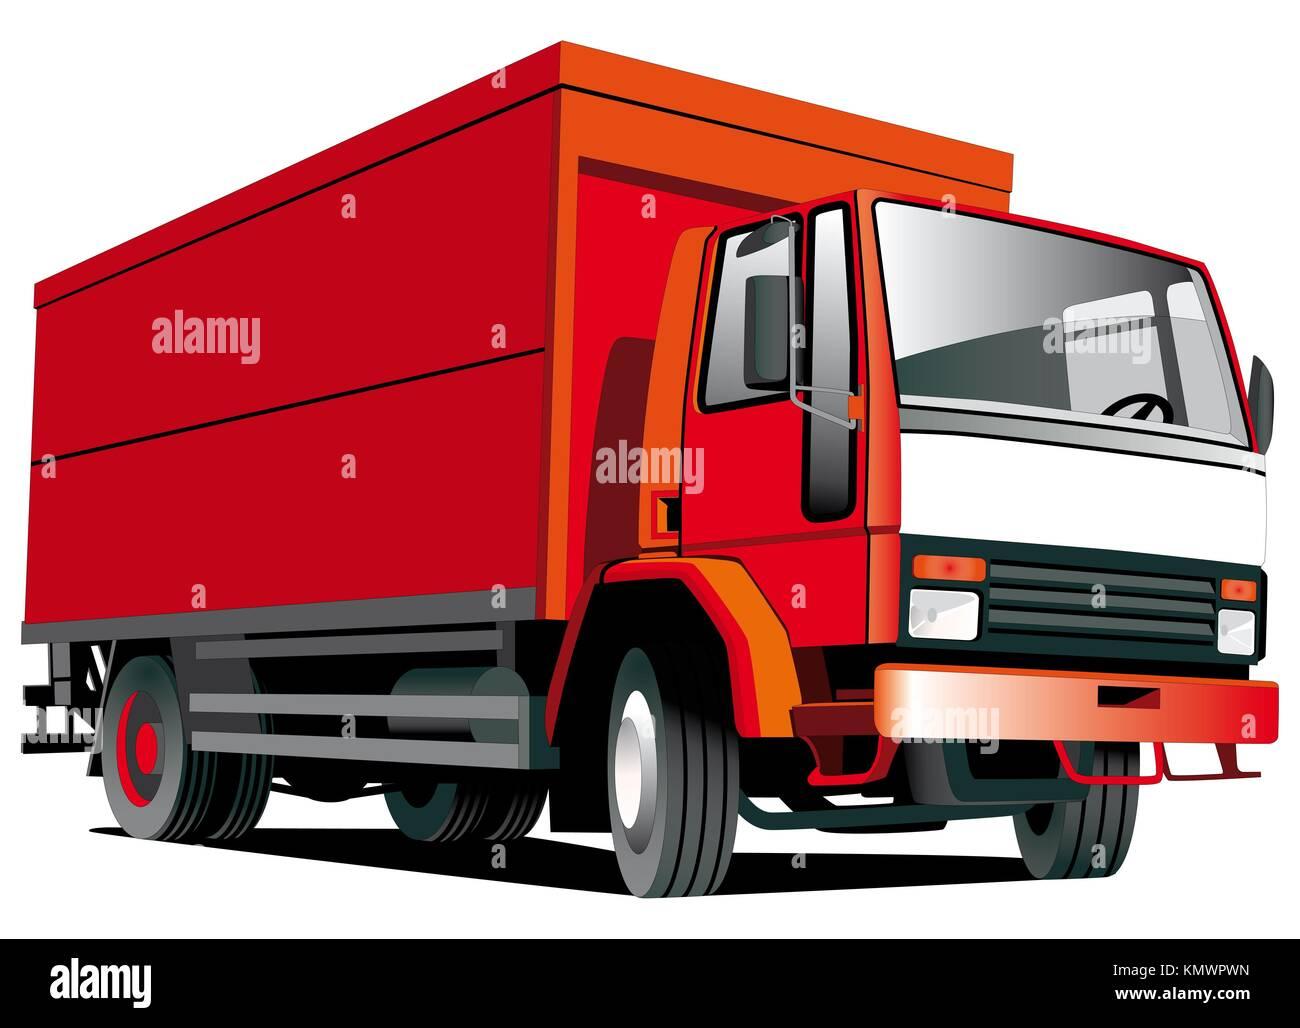 Detalle de imagen vectorial aislado camión rojo sobre fondo blanco. Foto de stock